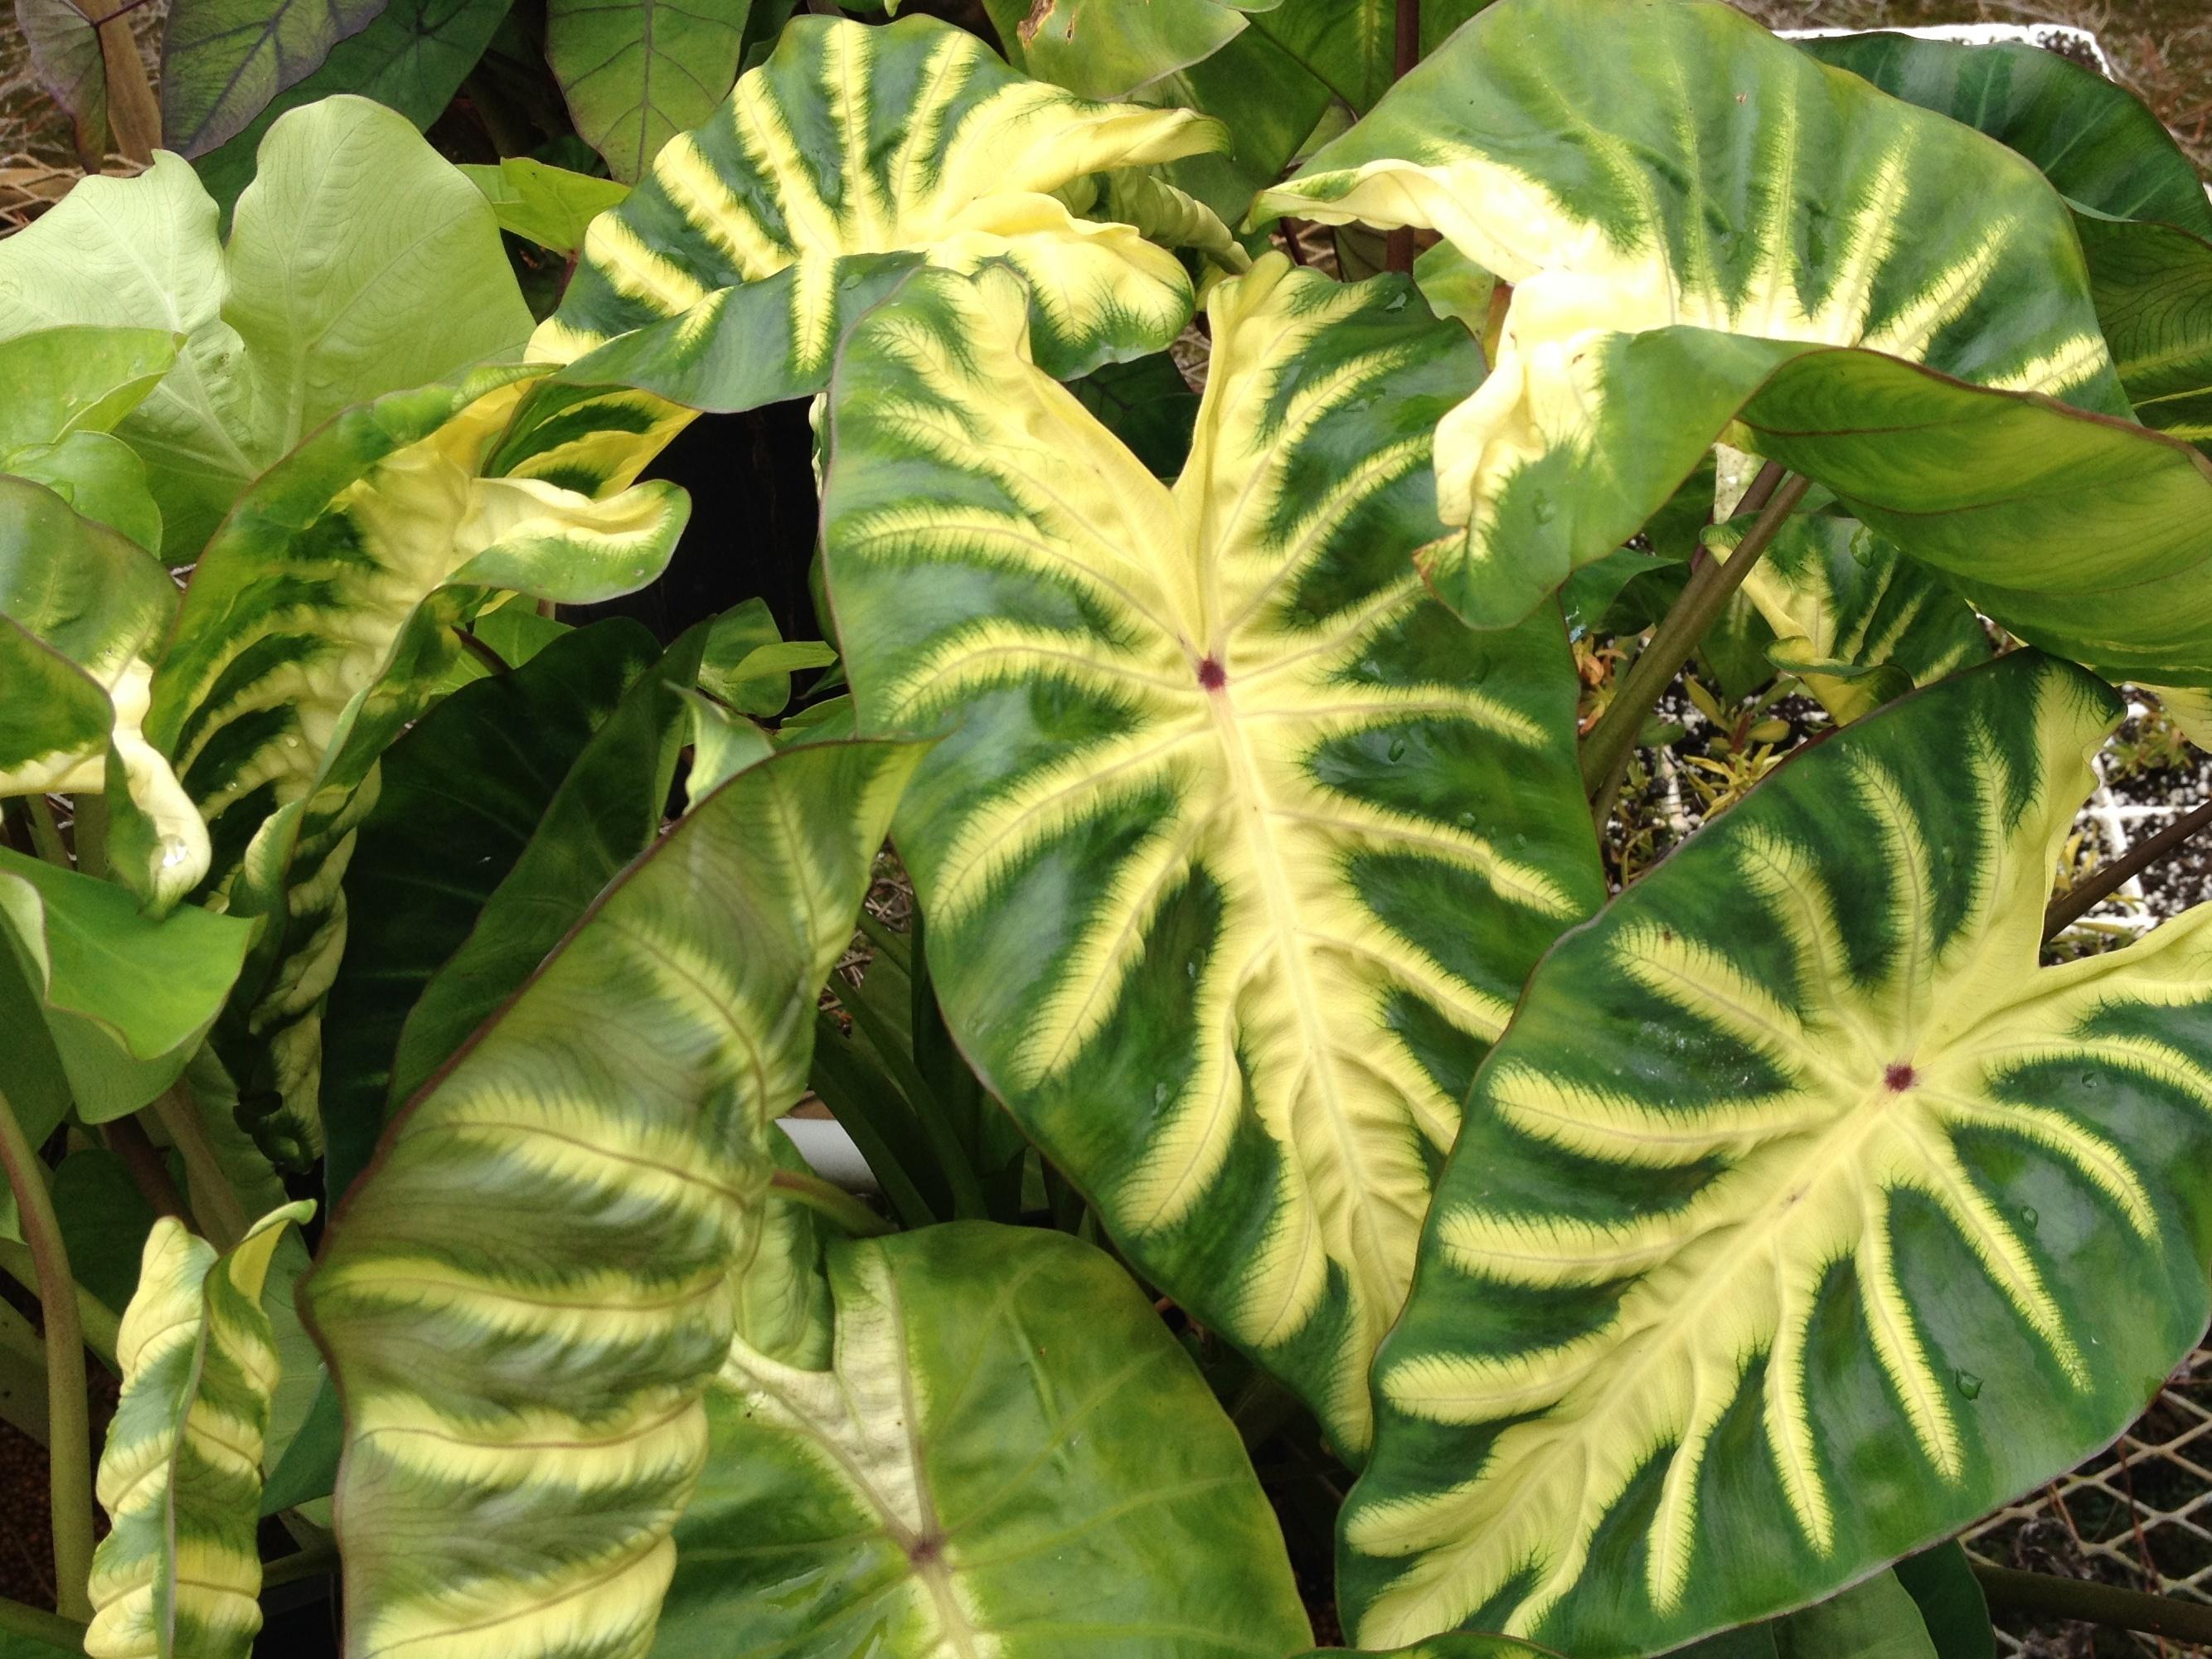 Colocasia esculenta 'Maui Sunrise' PP 31,175 @ Hawaii - a 2020 John Cho introduction